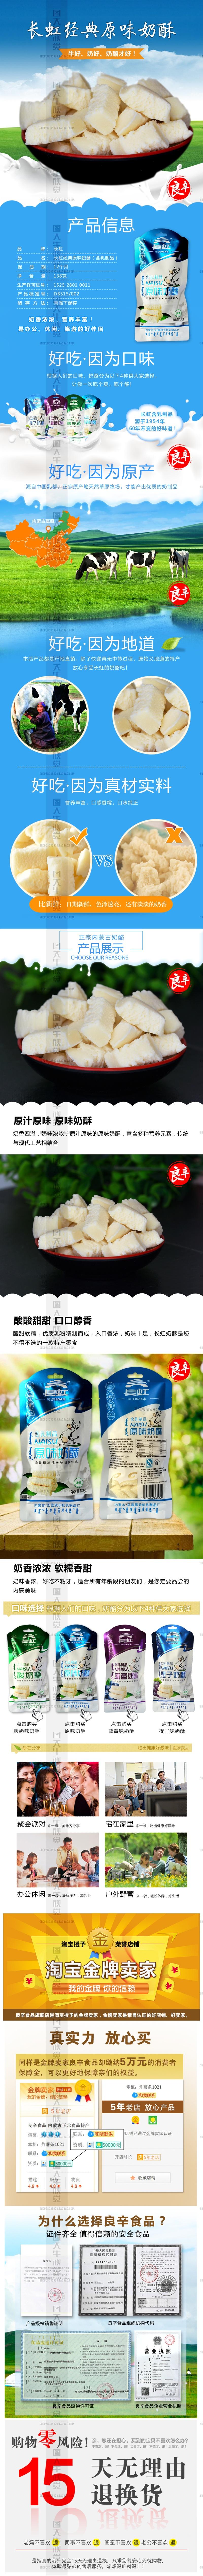 食品茶饮淘宝首页模版